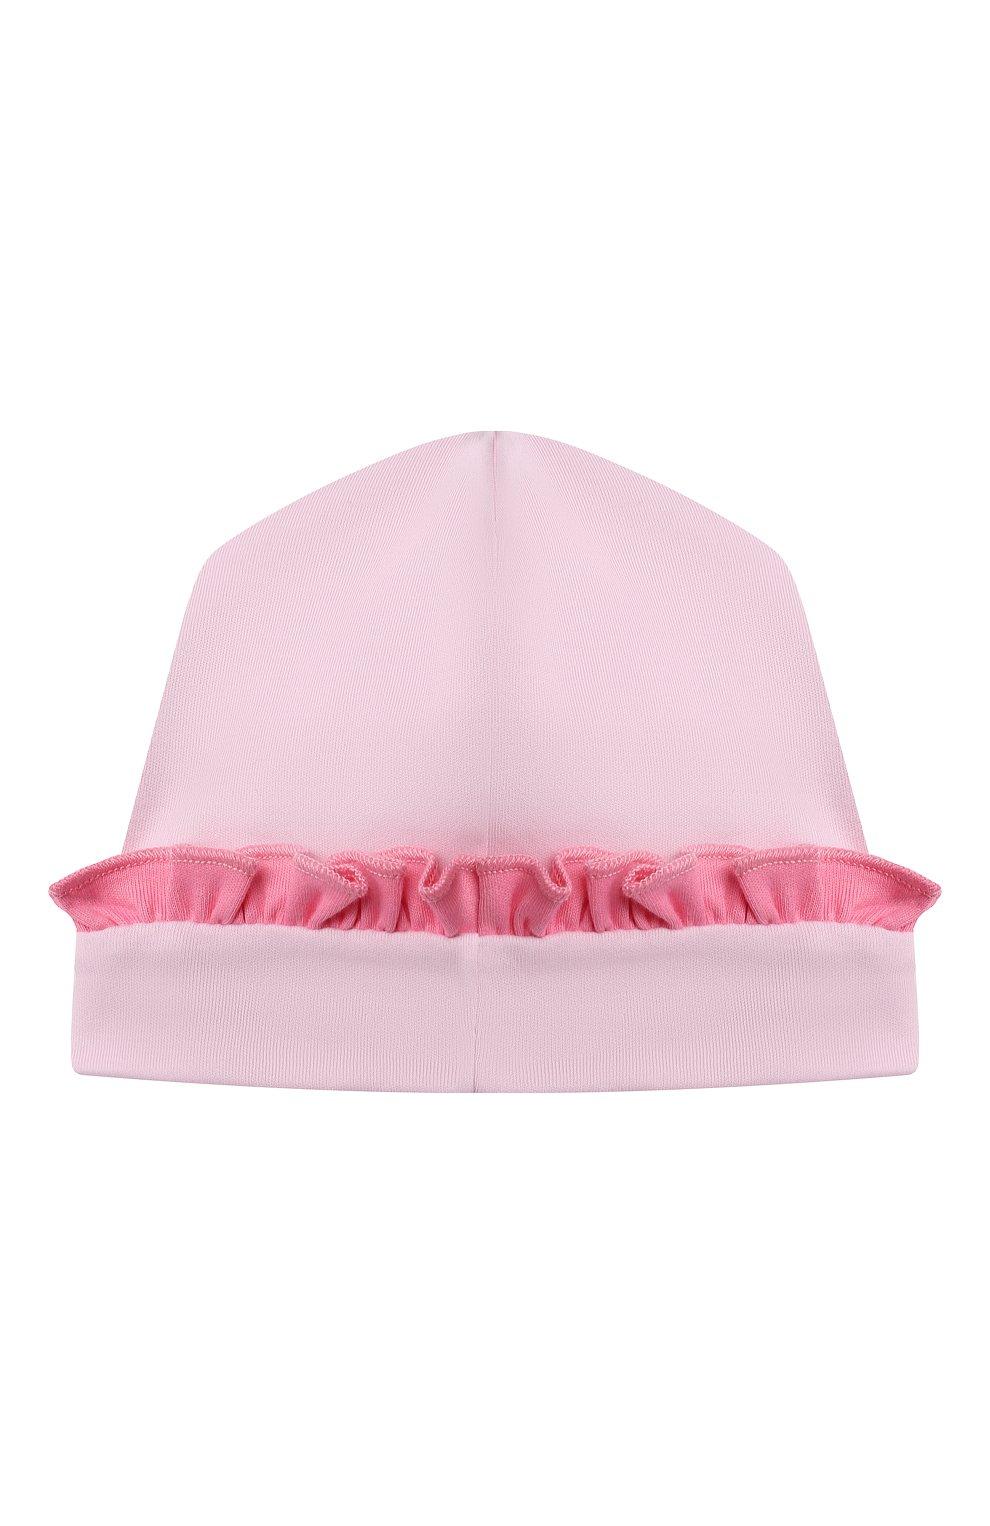 Детского хлопковая шапка MAGNOLIA BABY розового цвета, арт. 788-60-PK | Фото 2 (Материал: Текстиль, Хлопок)